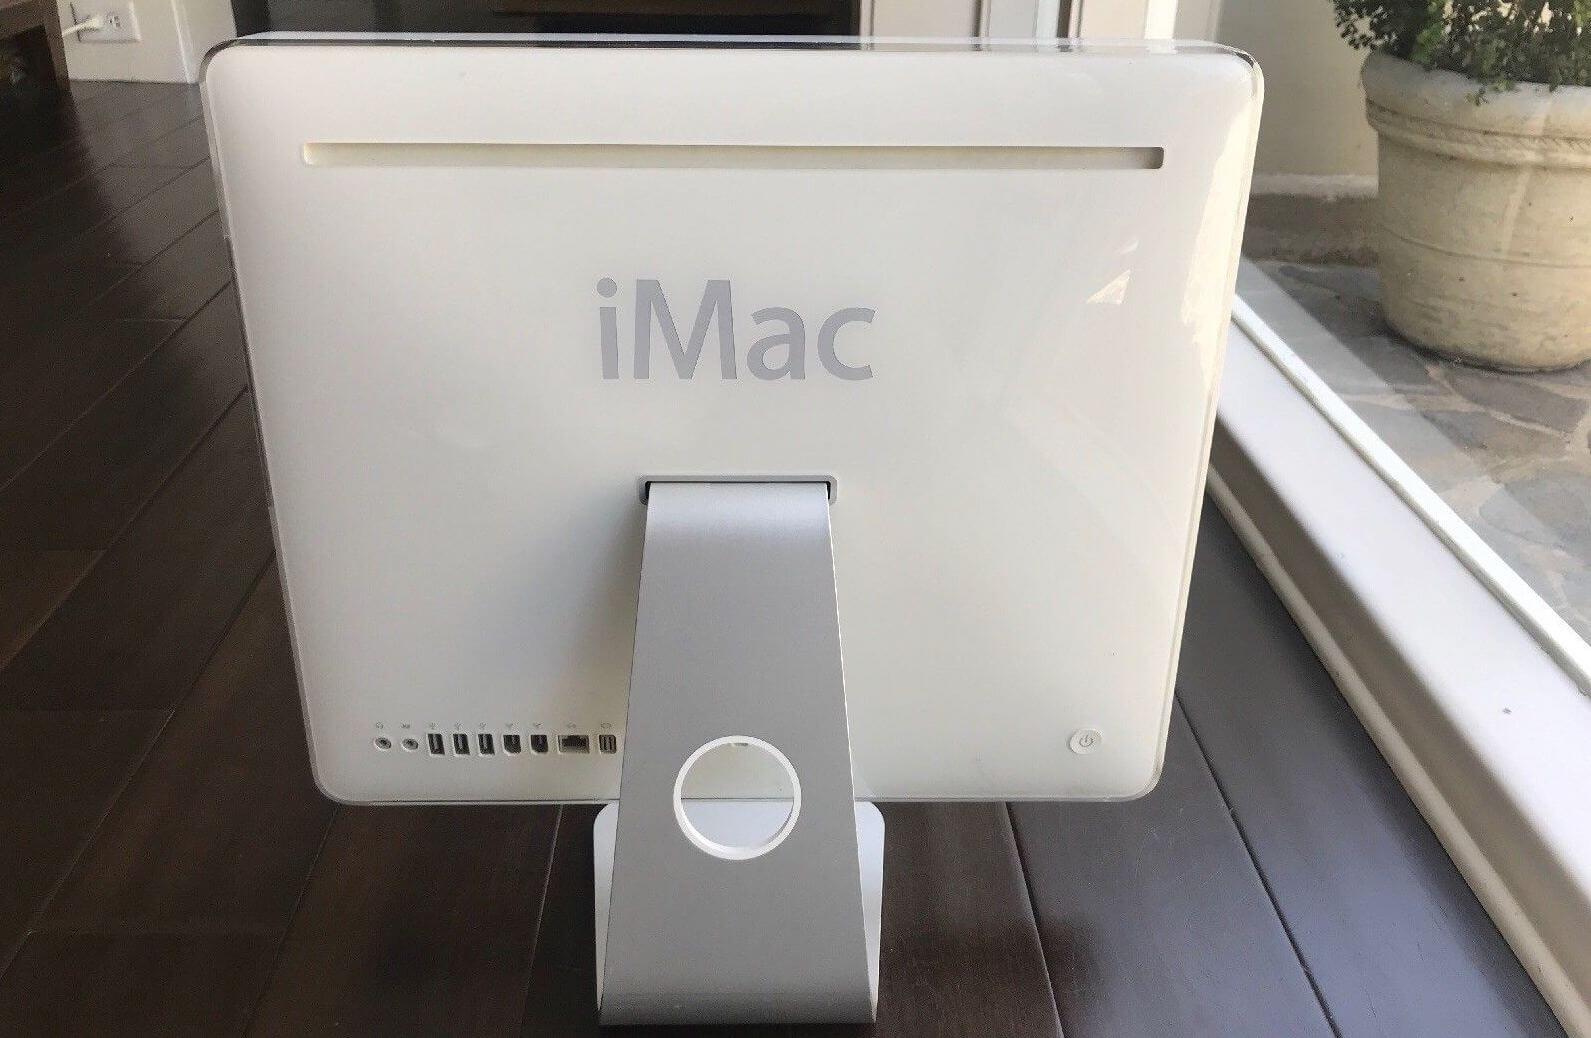 Белый iMac, среднего класса